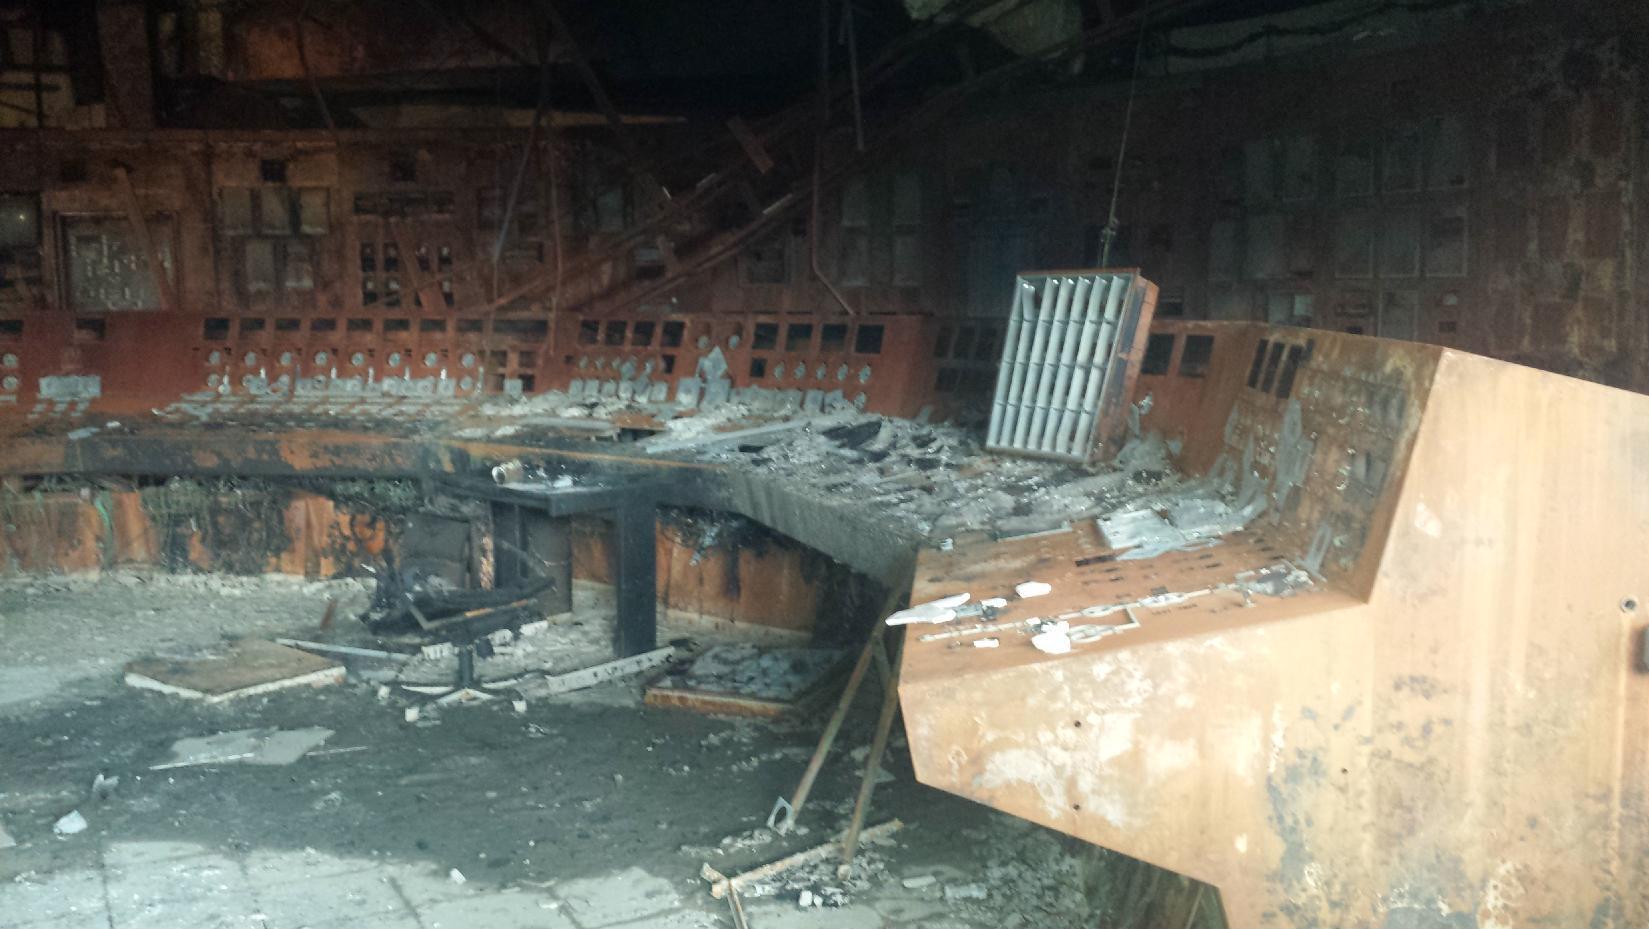 Ζημιά εκατ. ευρώ από την καταστροφική πυρκαγιά στον ΑΗΣ Πτολεμαΐδας – Ασύμφορη η επισκευή των μονάδων ;